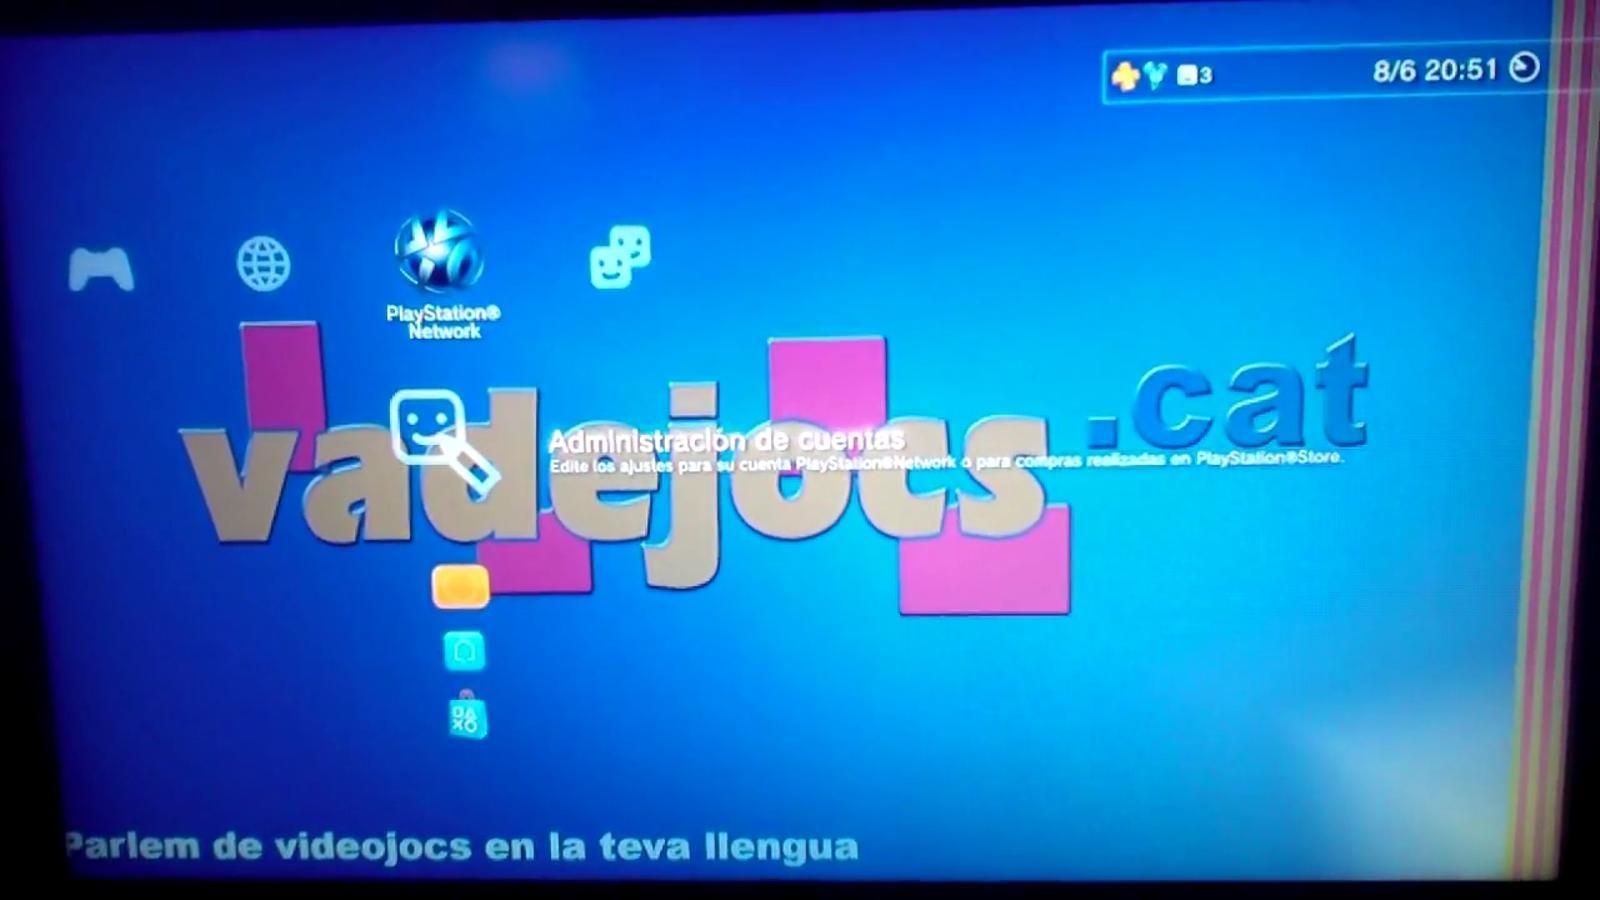 Solució als problemes de descàrrega del Welcome Back Pack de PlayStation 3.